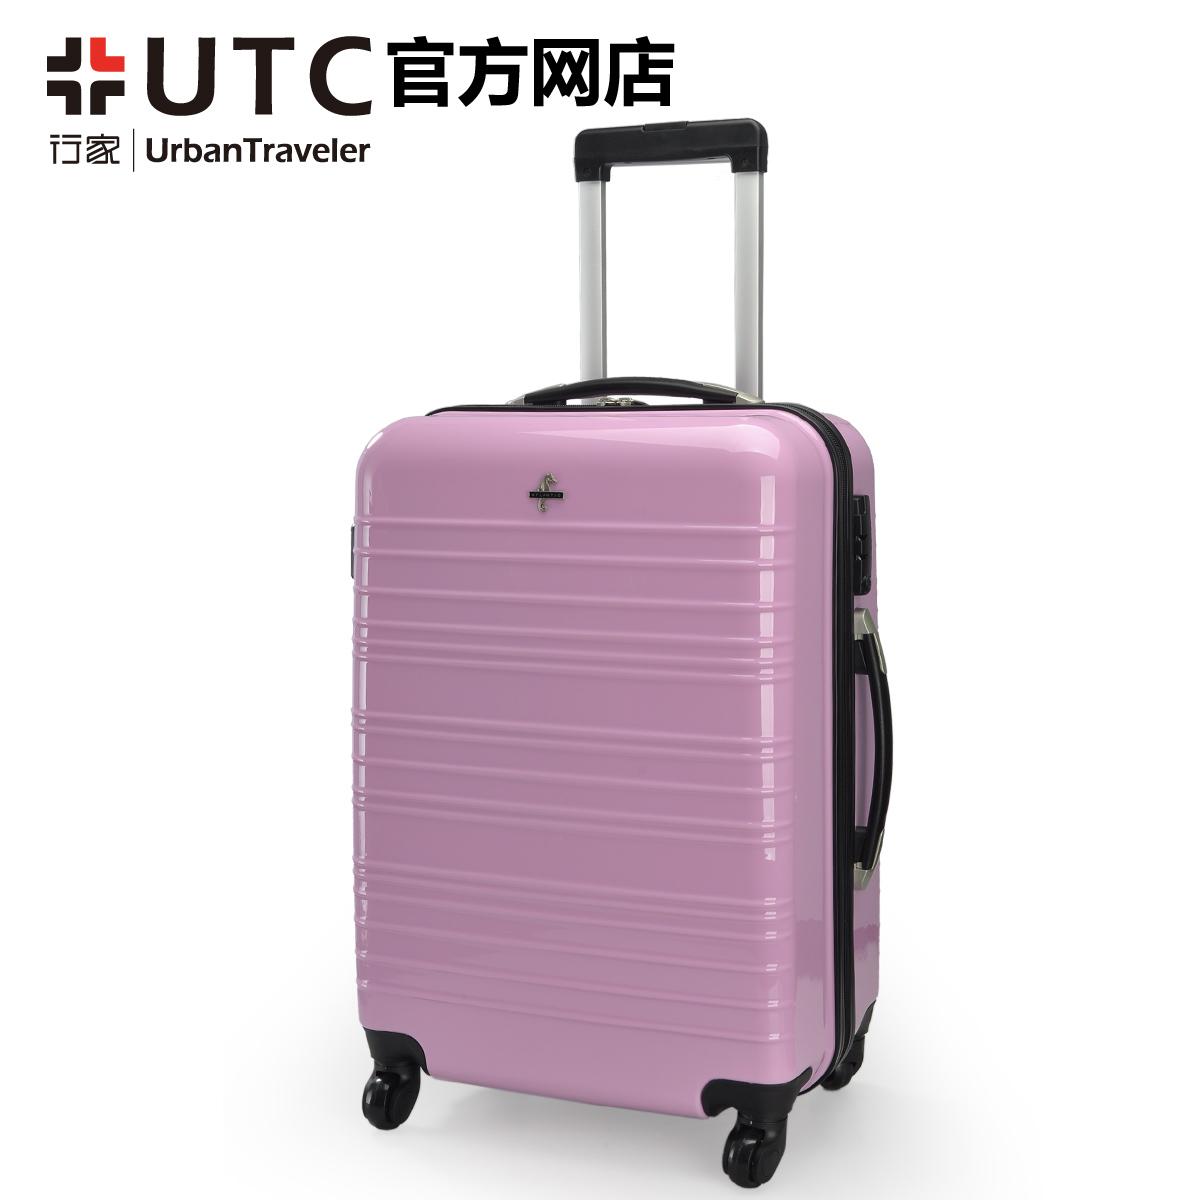 Дорожная сумка alax706112022 UTC